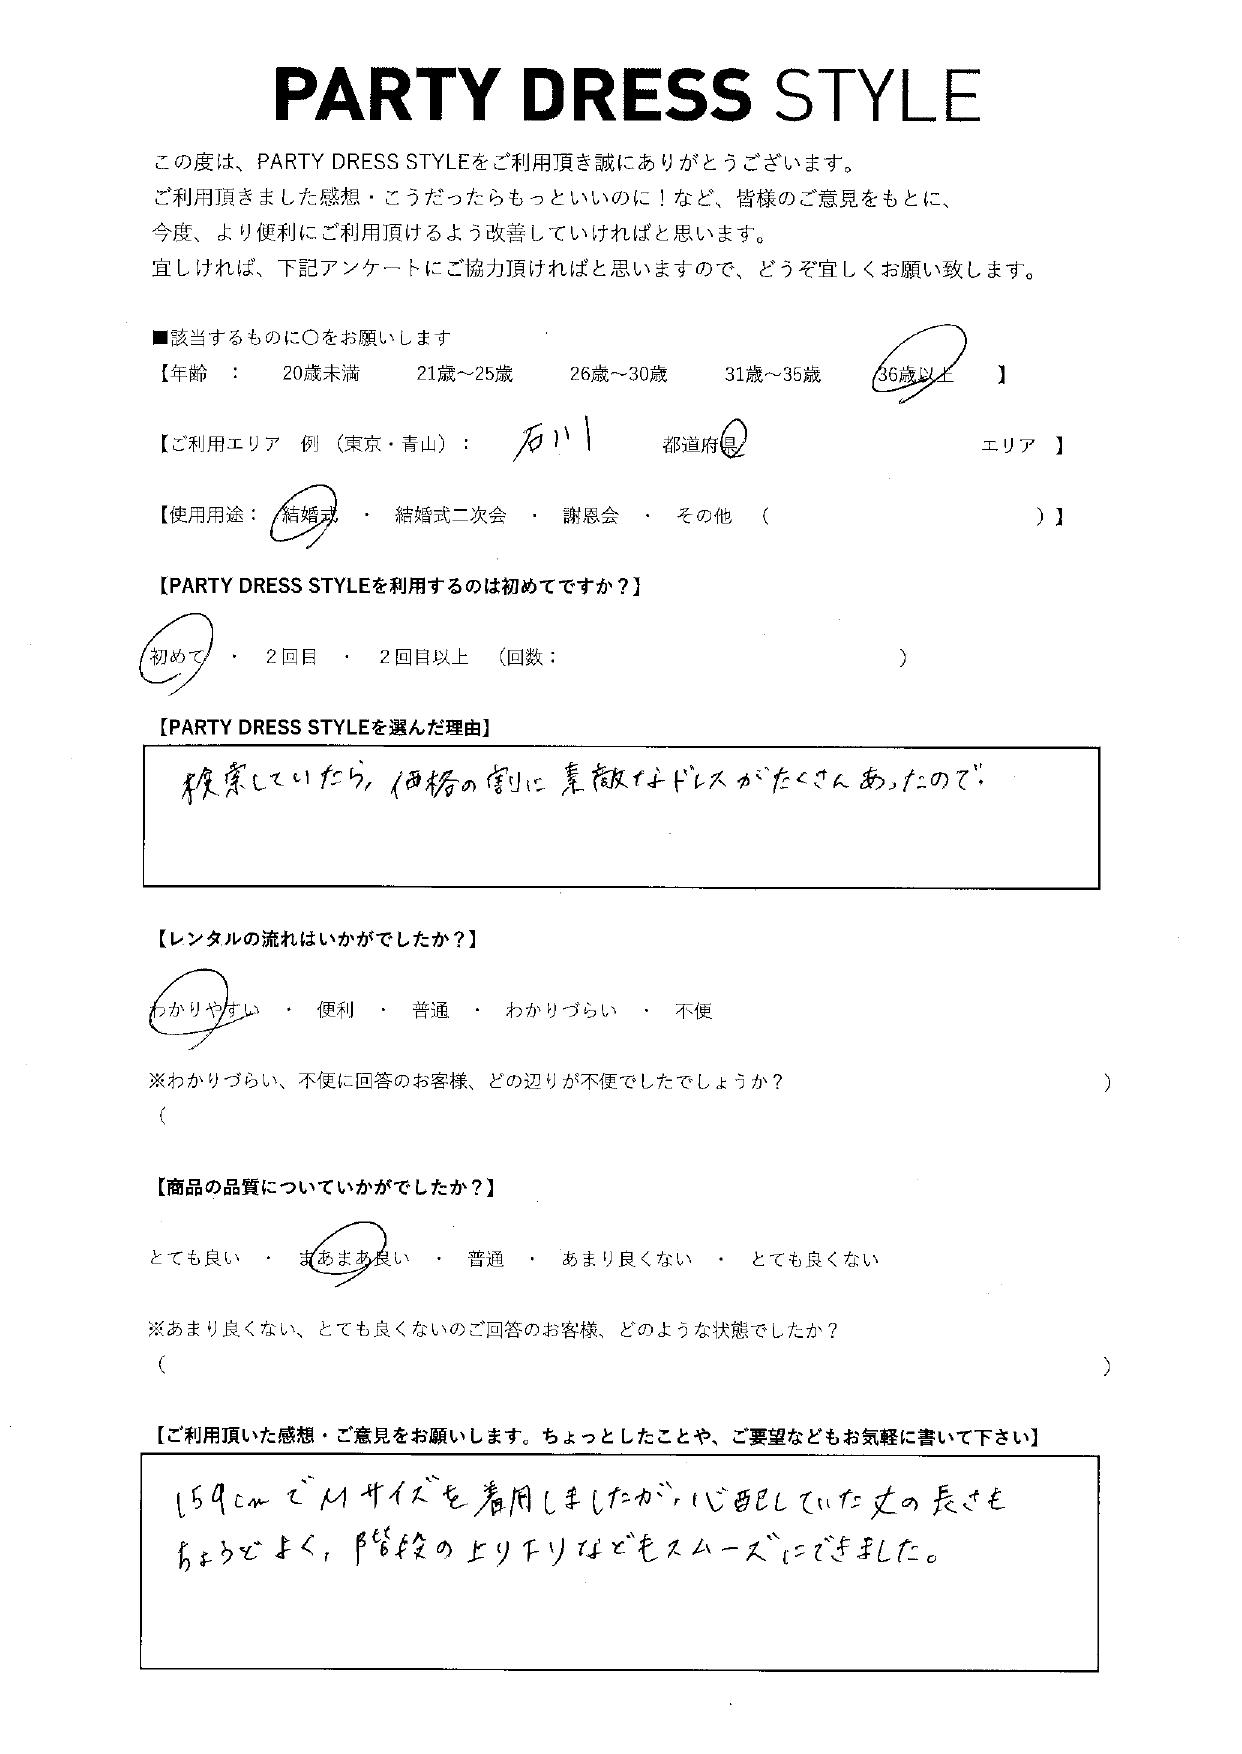 8/7 結婚式ご利用 石川エリア